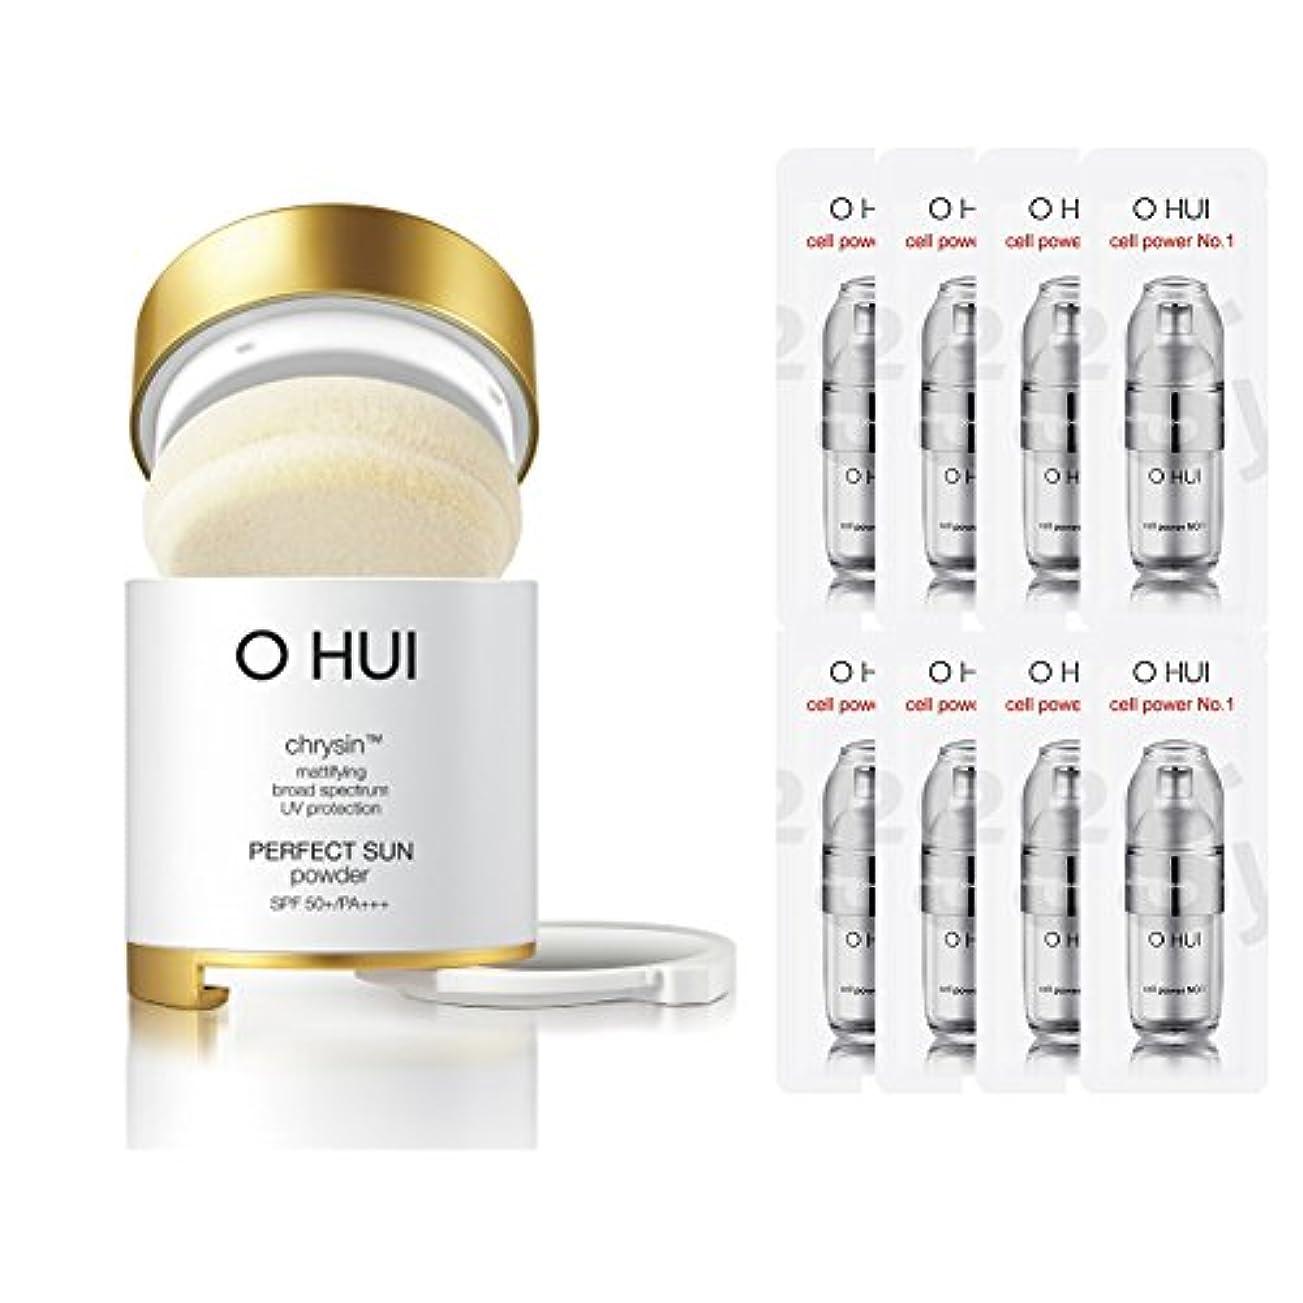 ミサイル不完全あたたかいOHUI/オフィ2015年 パーフェクトサンパウダー (OHUI Version Perfect Sun Powder SPF50++PA+++ Special Gift set) スポット [海外直送品] (2号ベージュ)